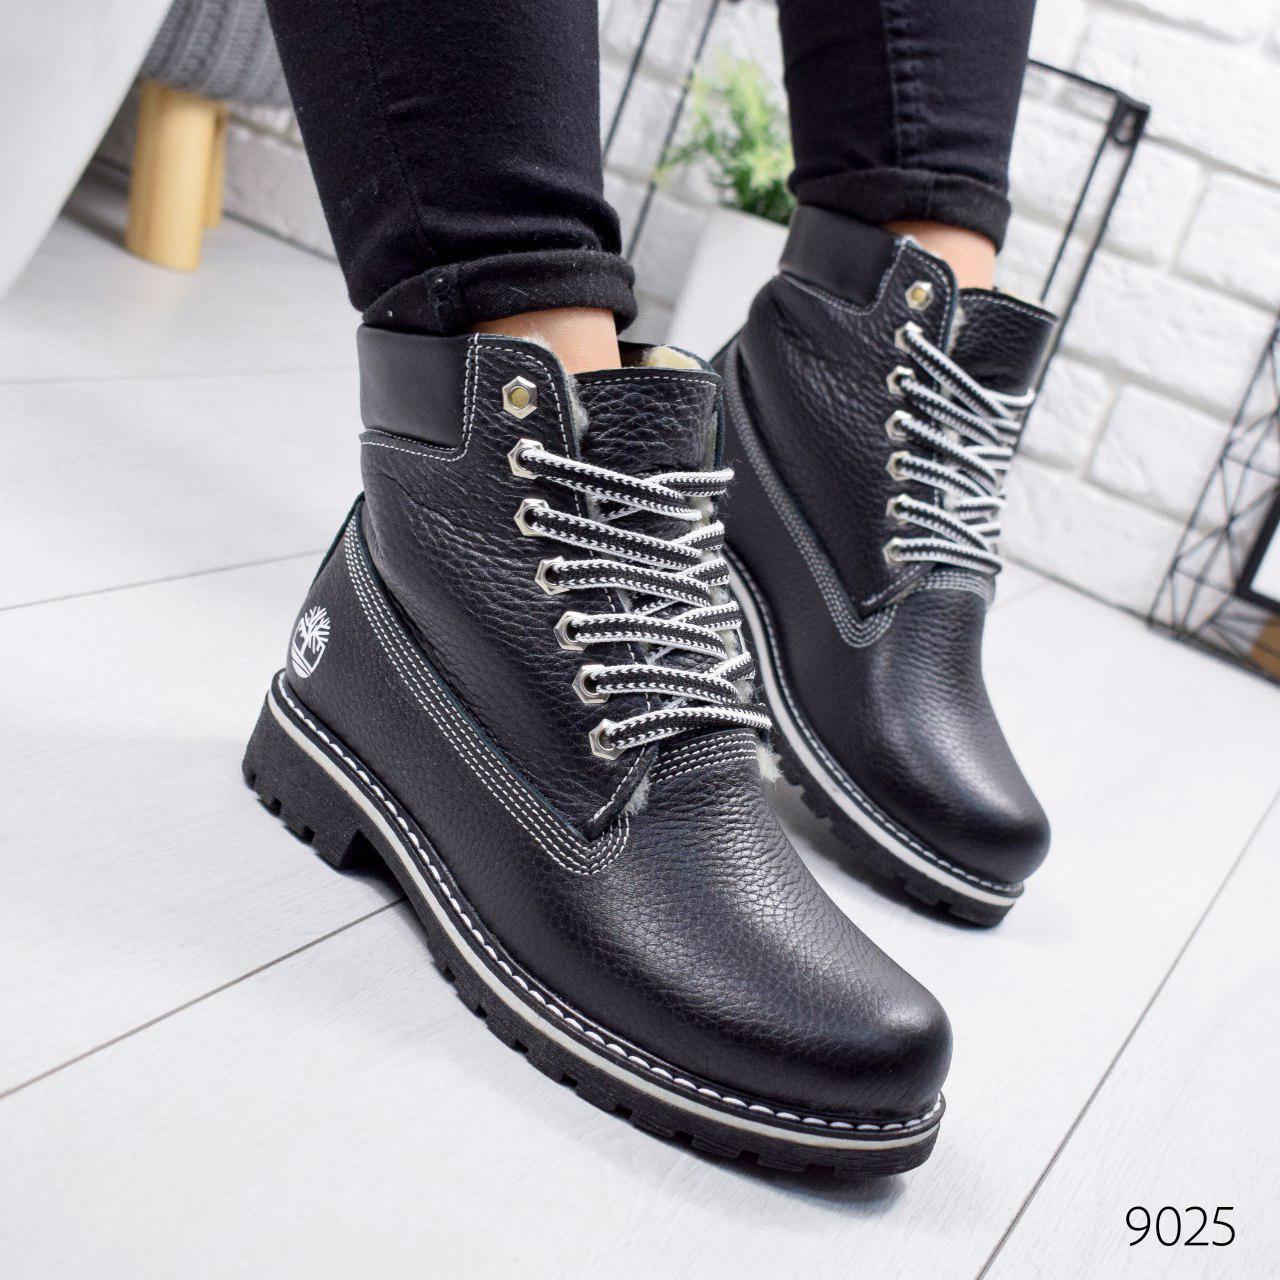 """Ботинки женские зимние, черного цвета из натуральной кожи """"9025"""". Черевики жіночі. Ботинки теплые"""